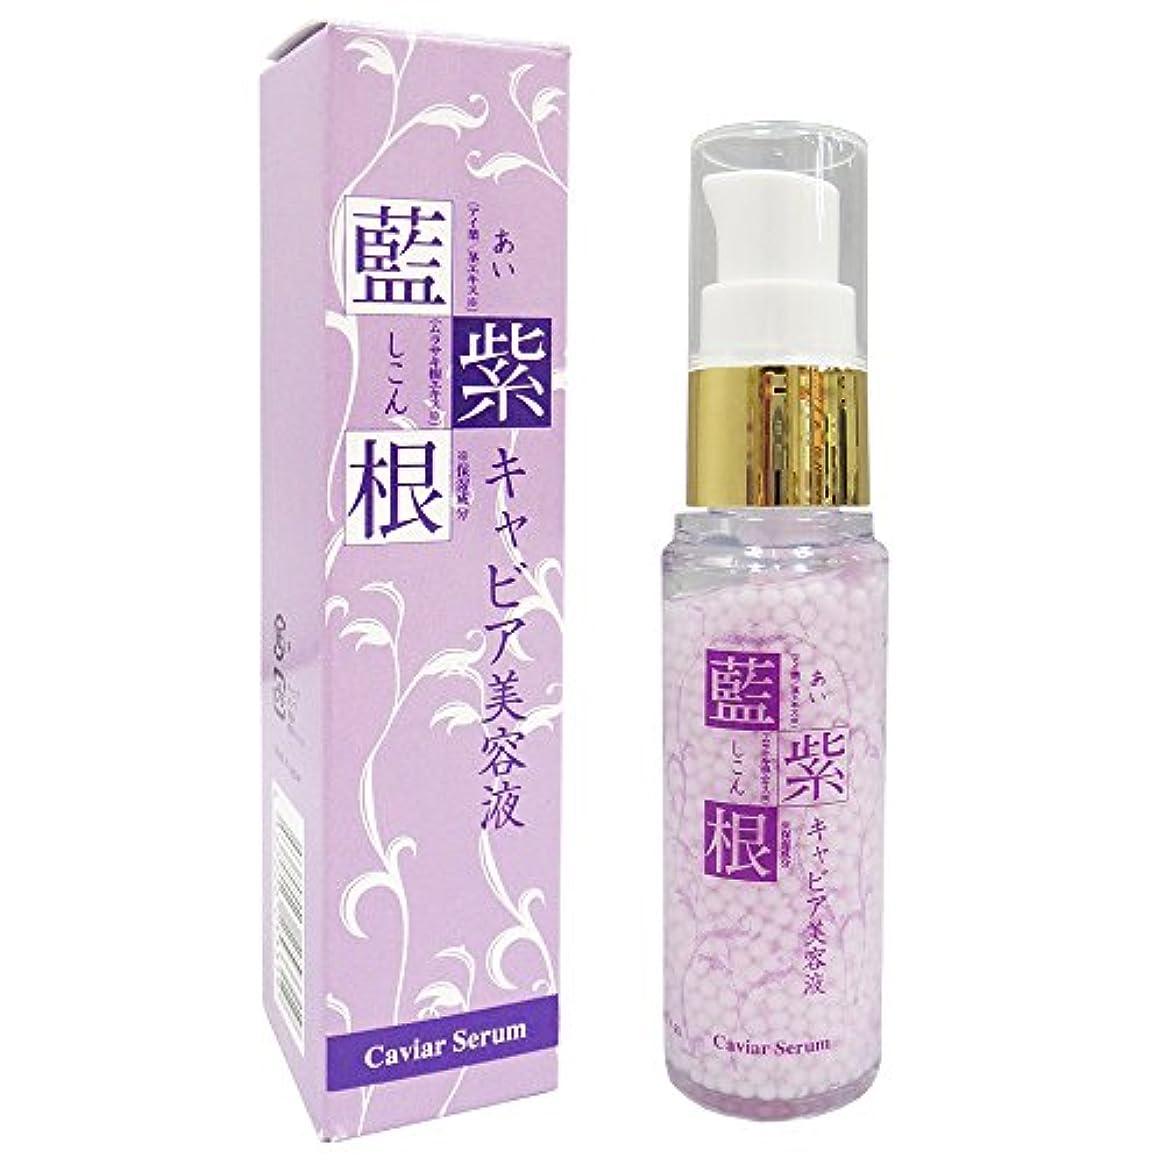 こっそり強調便利さ藍と紫根のキャビア美容液 30g